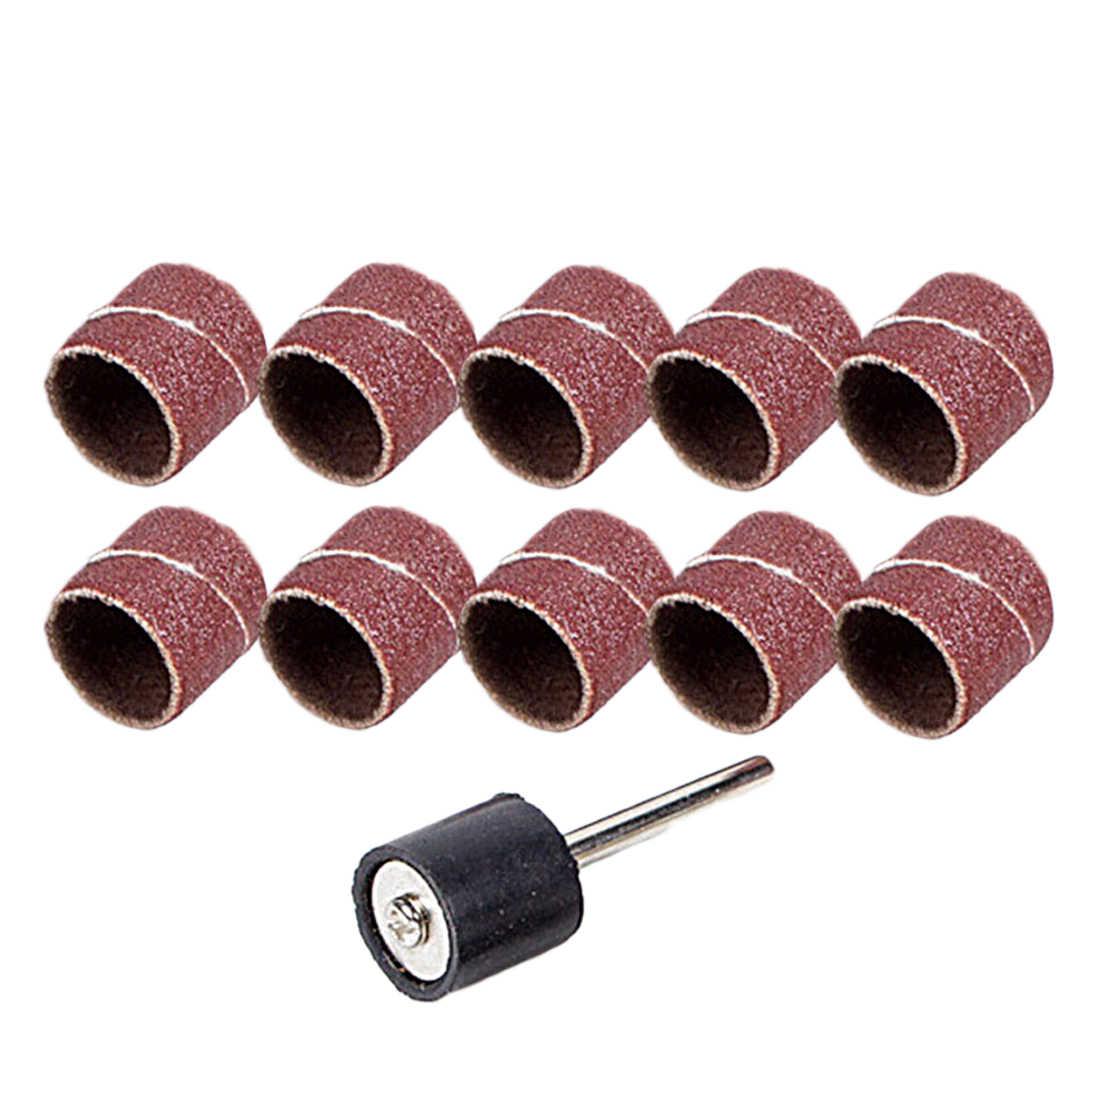 Nuevo 10 piezas accesorios de Dremel Grit 80 # bandas de lijado + tambor de lijadora de 3,17mm herramienta rotativa de mandril bits herramientas eléctricas